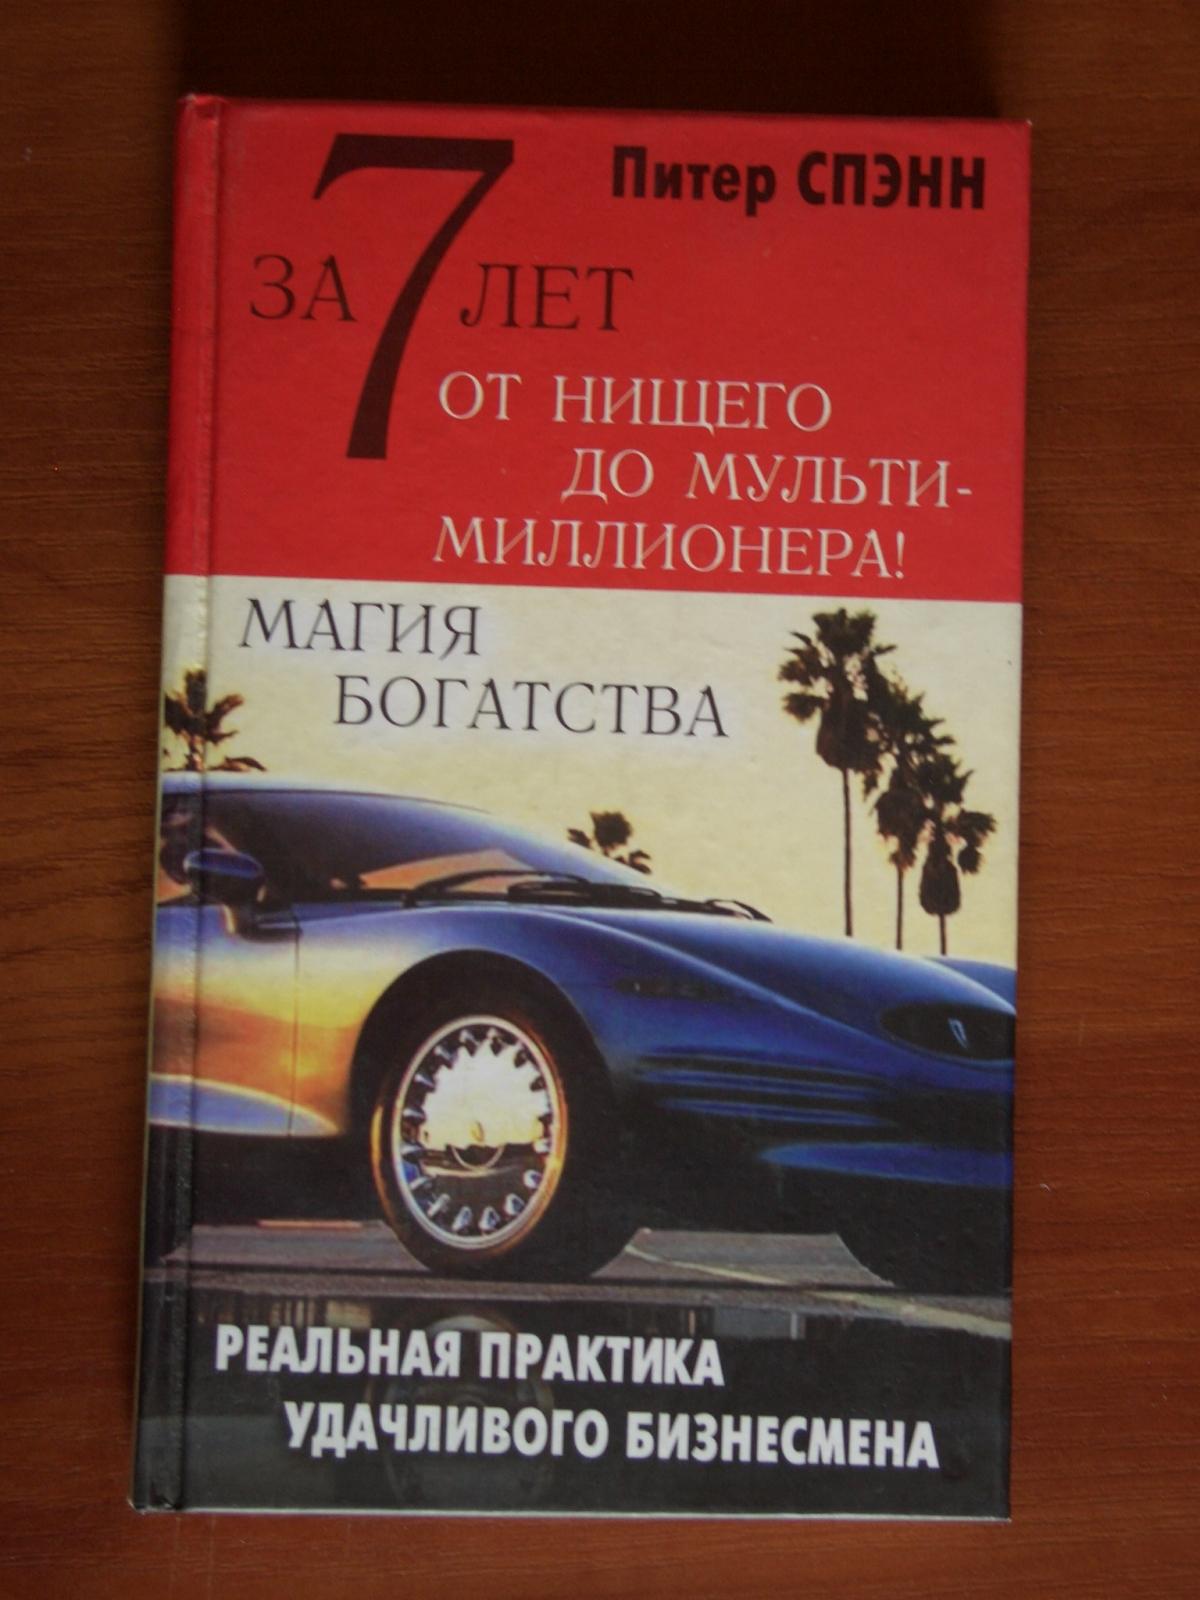 Обложка книги:  питер спэнн - за 7 лет от нищего до мультимиллионера! магия богатства